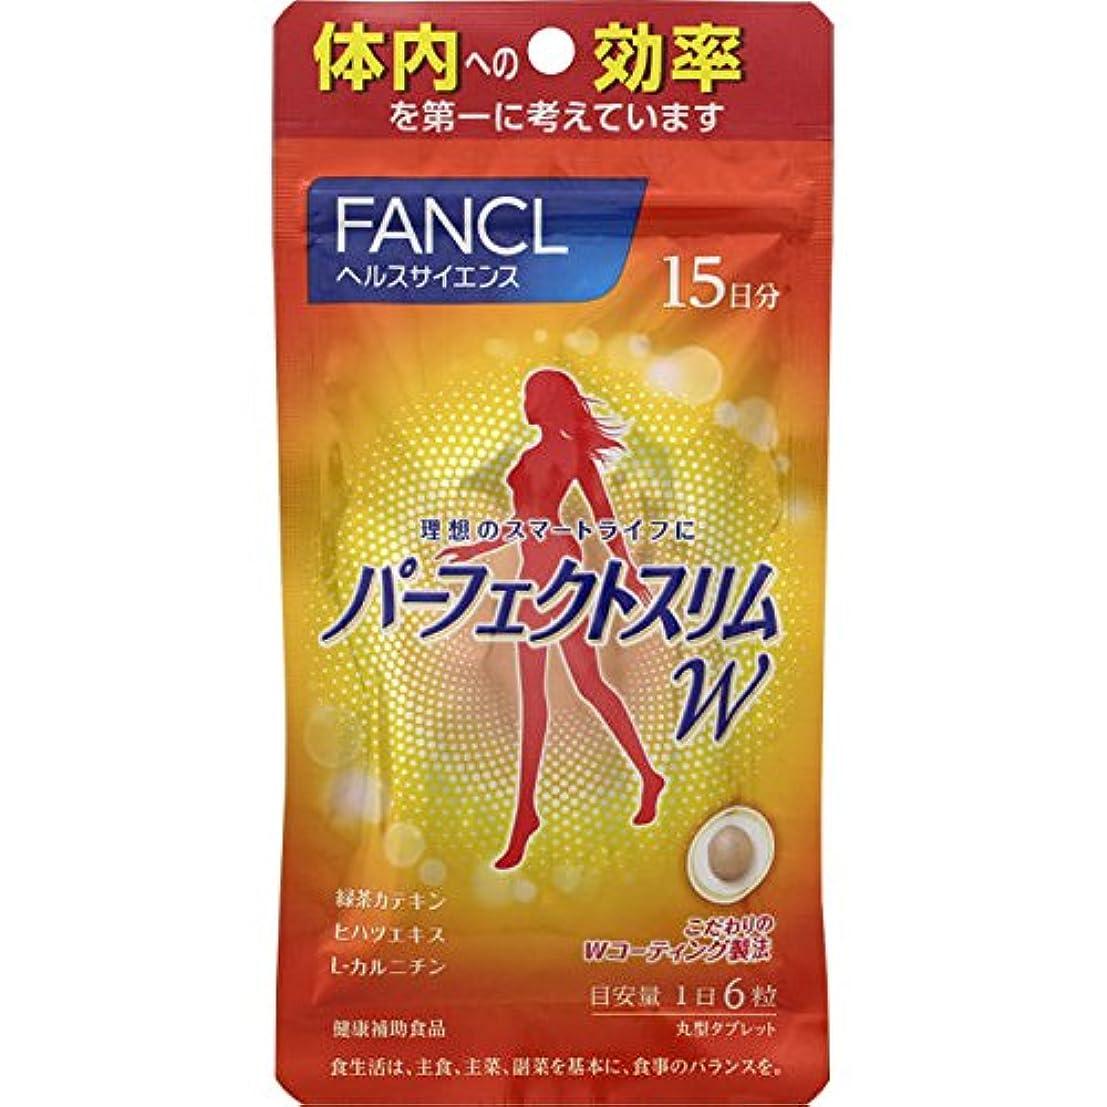 啓示ハード報酬FANCL ファンケル パーフェクトスリム W 15日分 (90粒) 緑茶カテキン ヒハツエキス